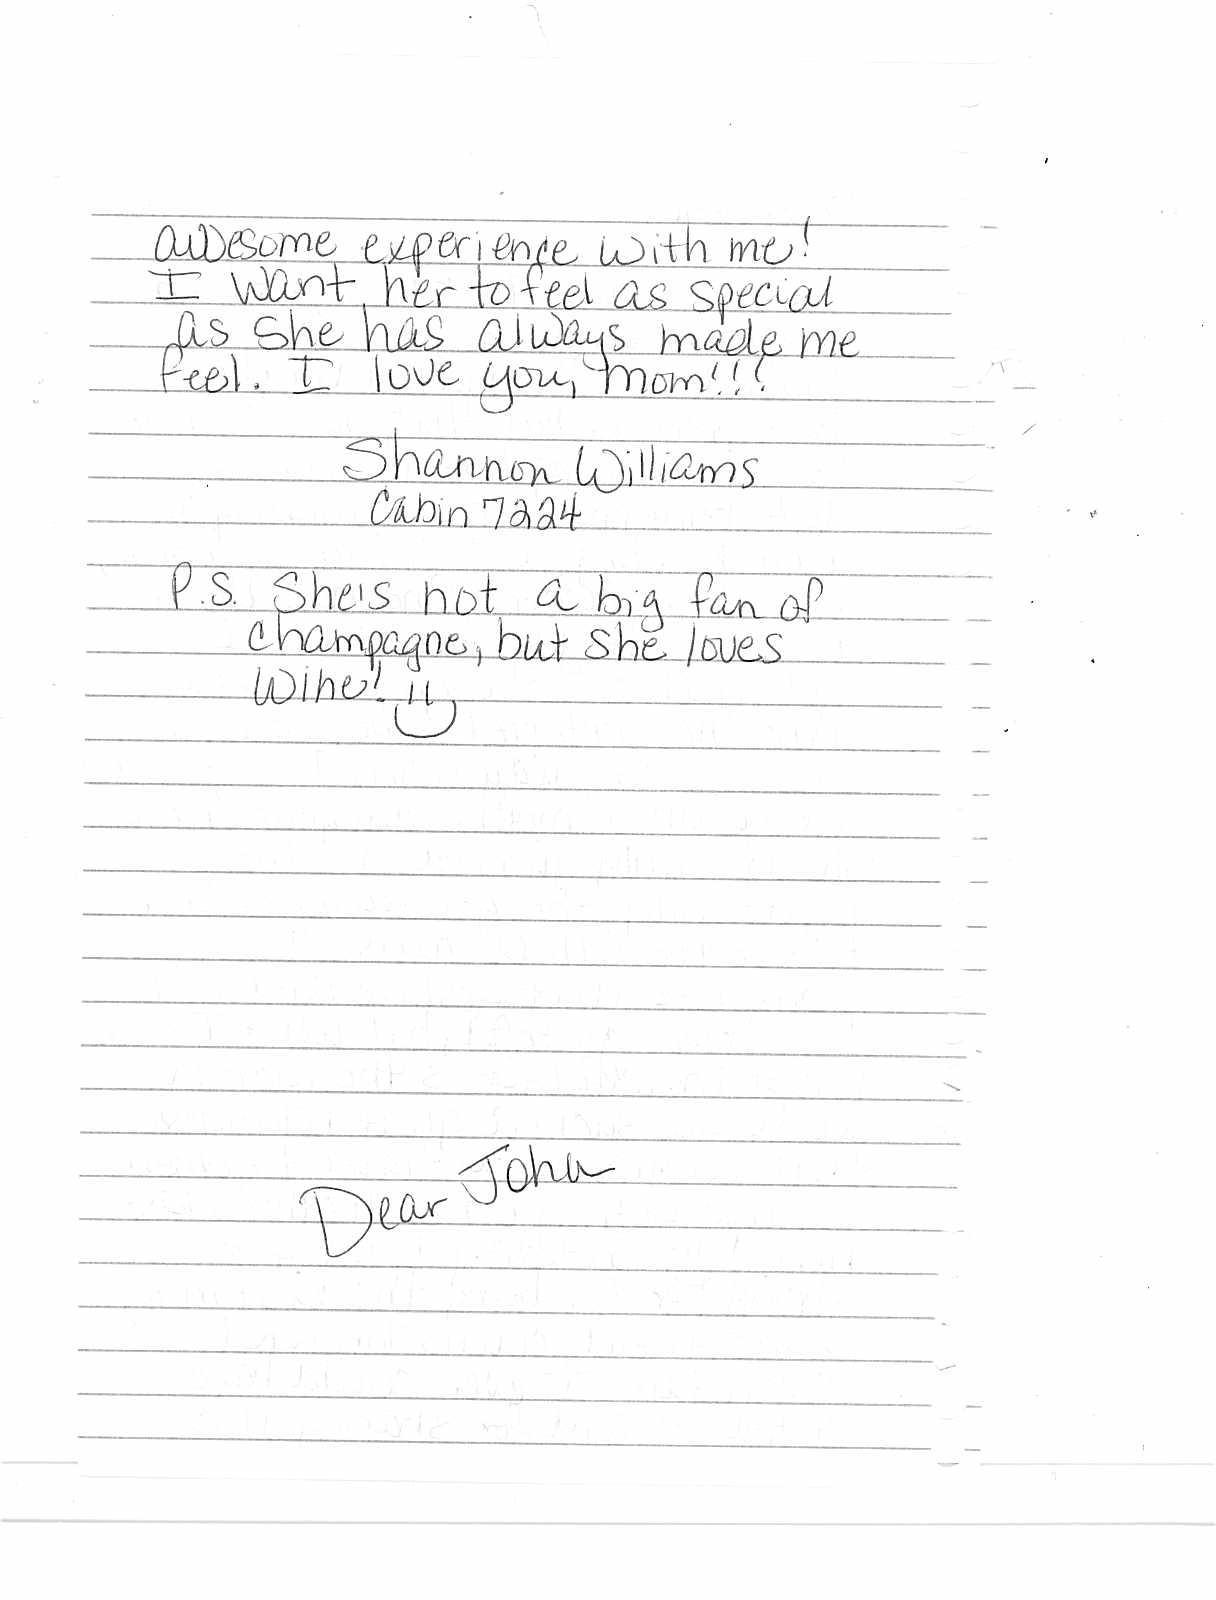 Dear John Letter 1p2